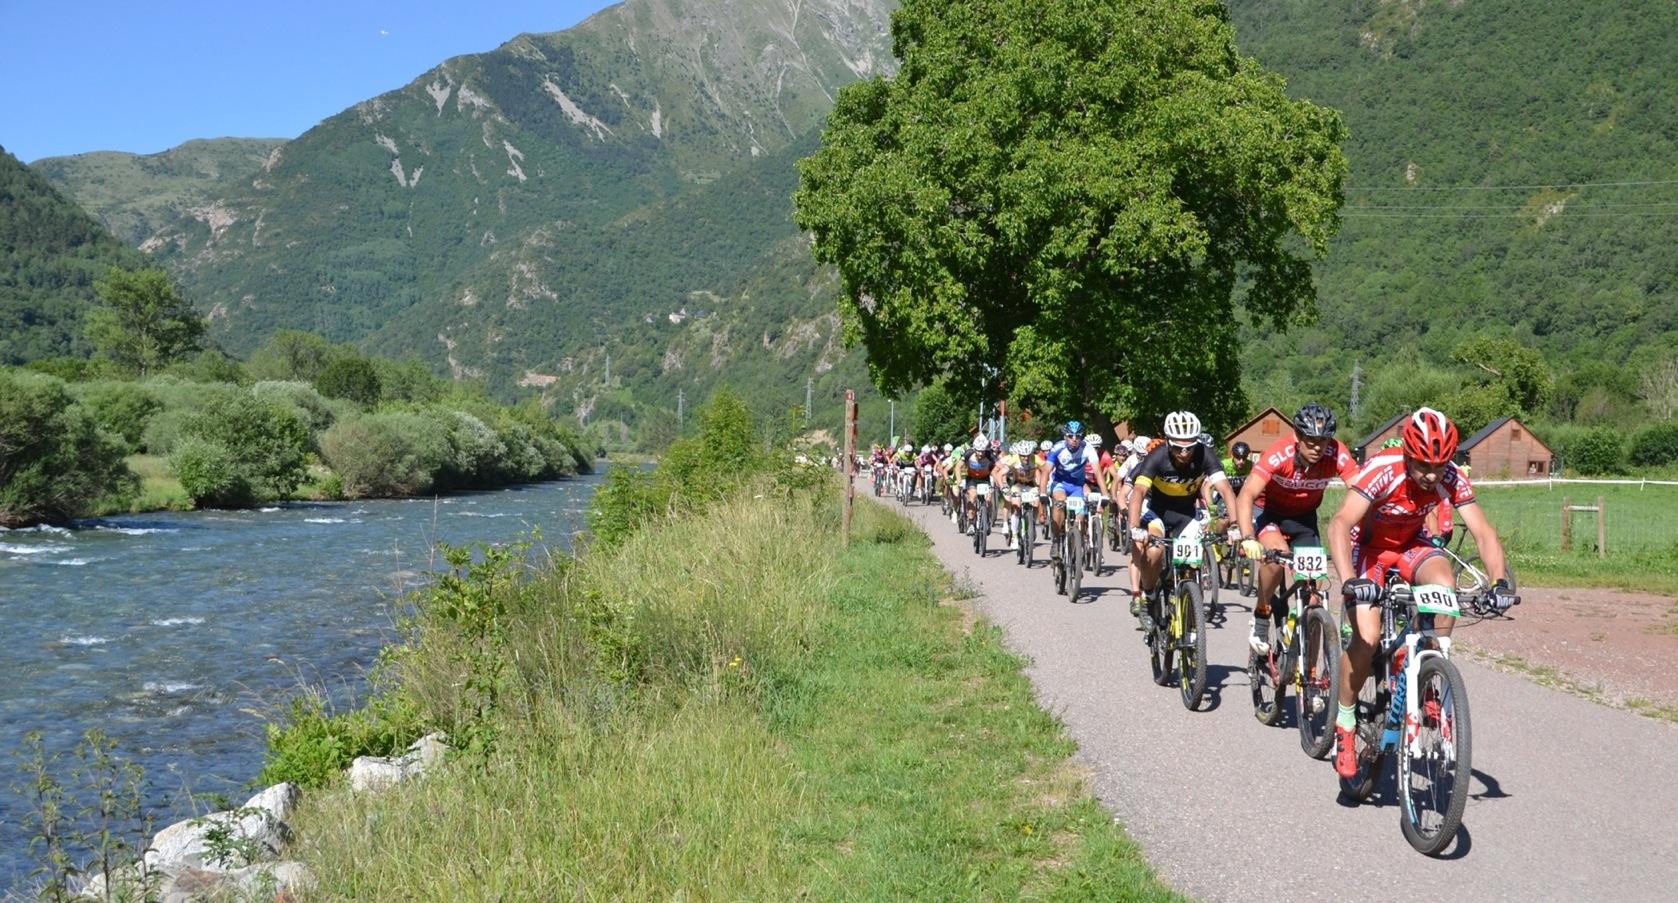 Preinscripciones abiertas para la Copa Catalana Internacional de BTT Biking Point de la Vall de Bo�